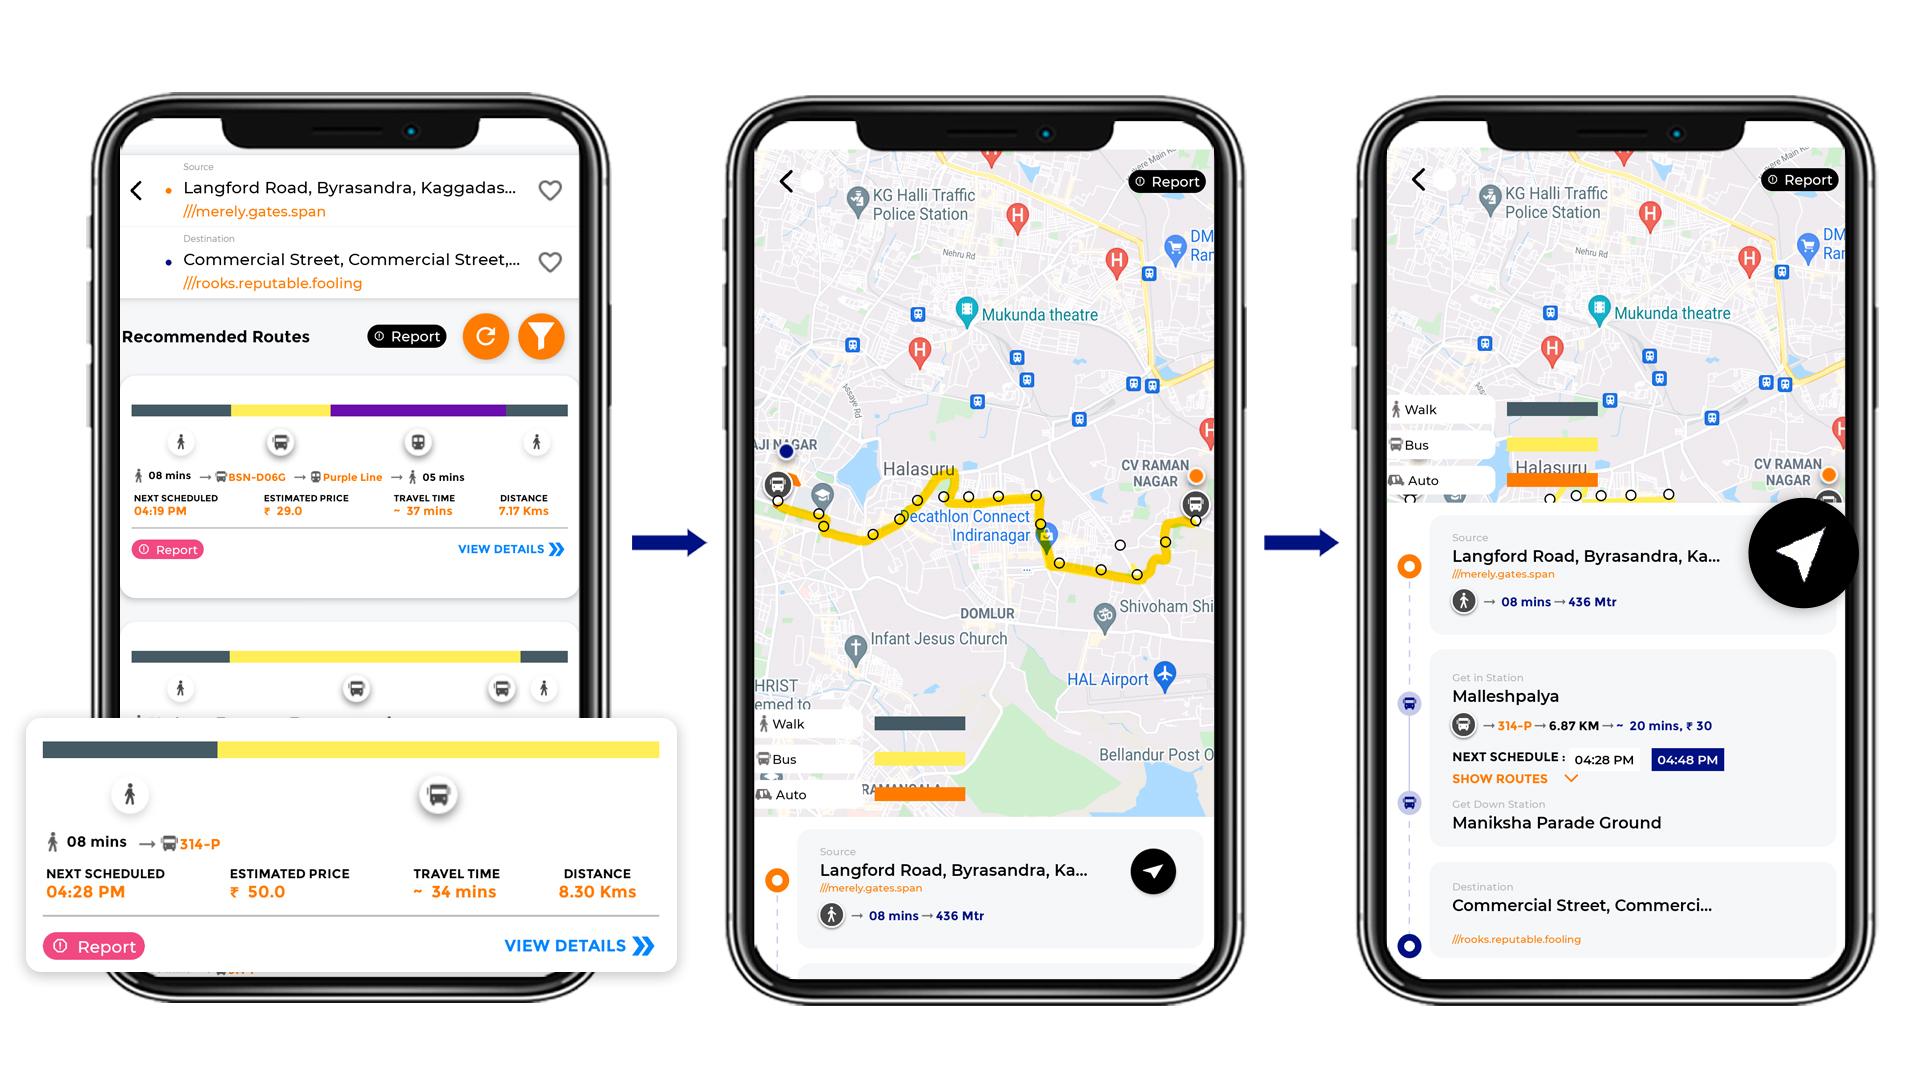 Tummoc, Tummoc app, Public Transport Information, Commercial street, Byrasandra